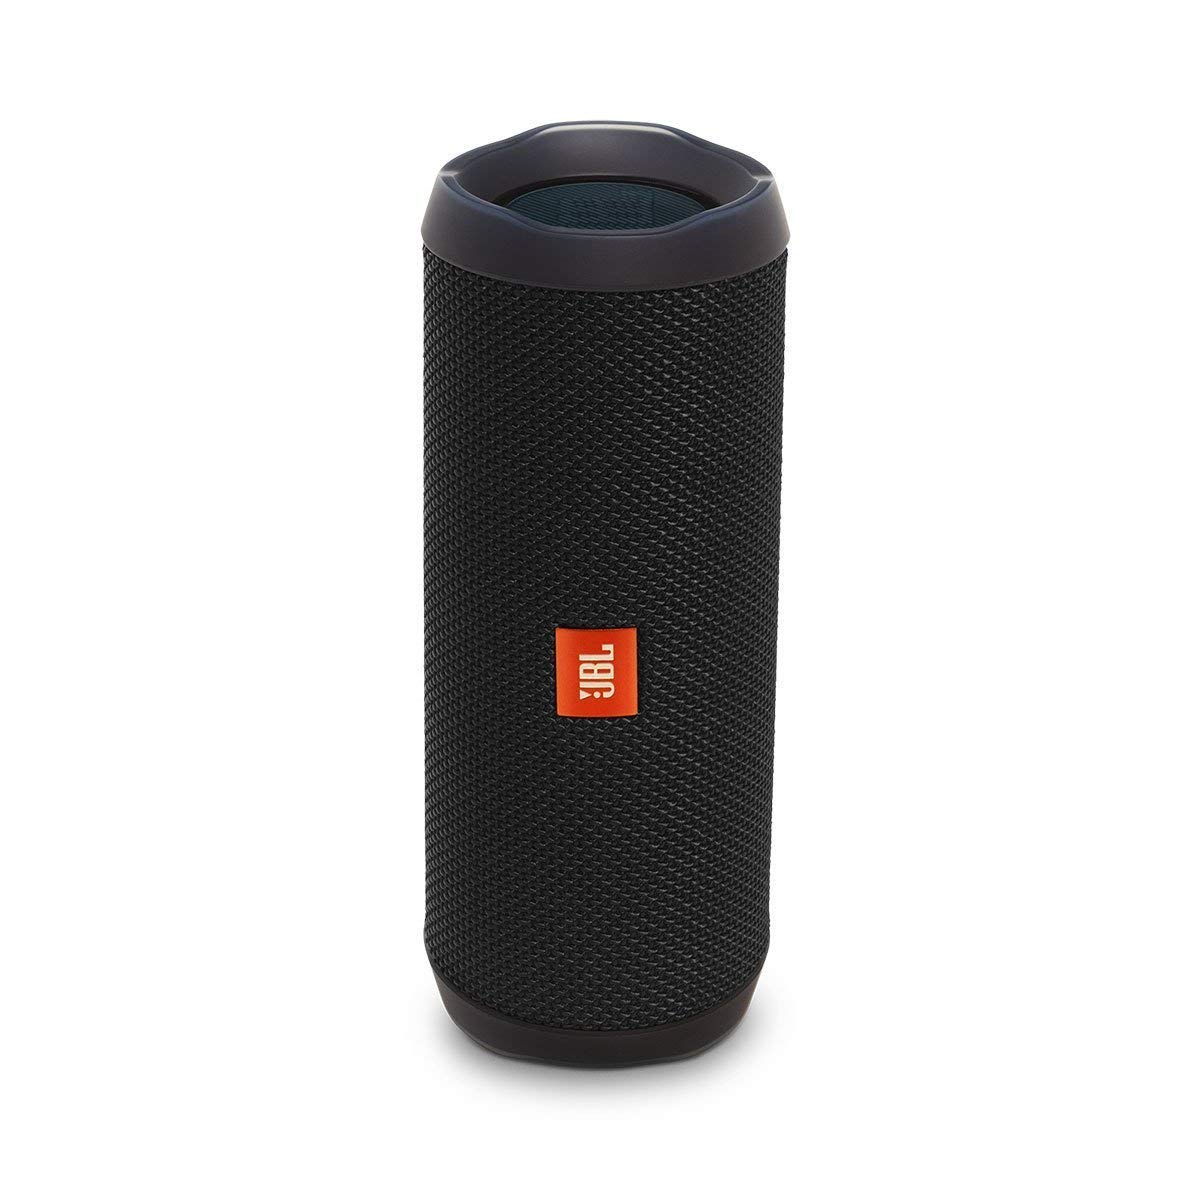 Jbl Flip 4 Waterproof Portable Bluetooth Speaker Black Buy Online In Kenya Jbl Products In Kenya See Prices Reviews And Free Delivery Over Ksh7 000 Desertcart